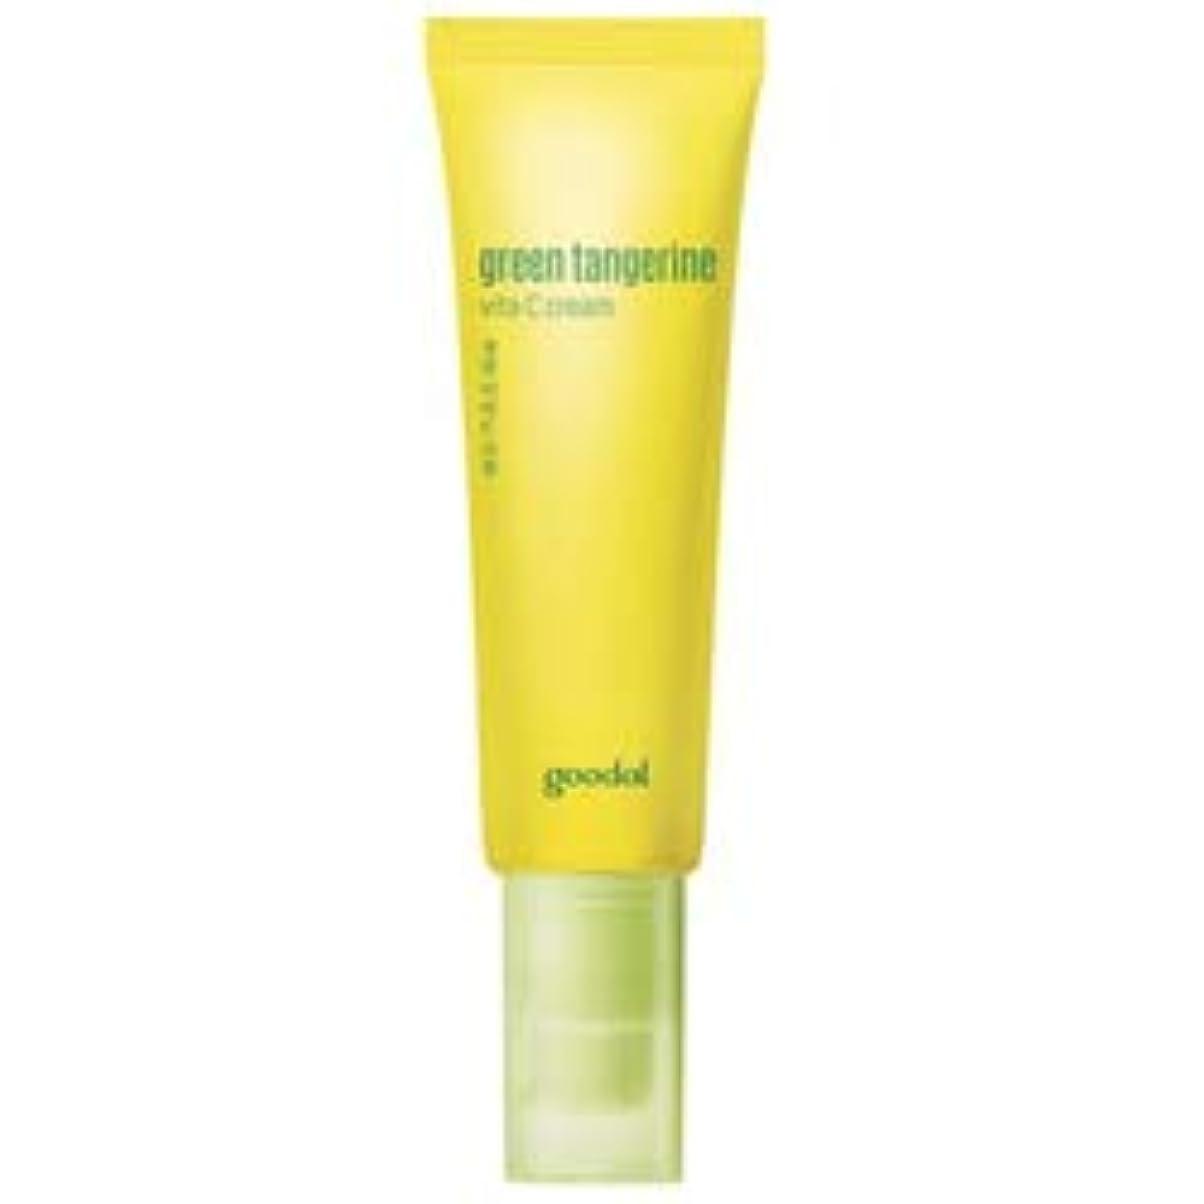 広範囲に密輸短くする[goodal] Green Tangerine Vita C cream 50ml / [グーダル]タンジェリン ビタC クリーム 50ml [並行輸入品]